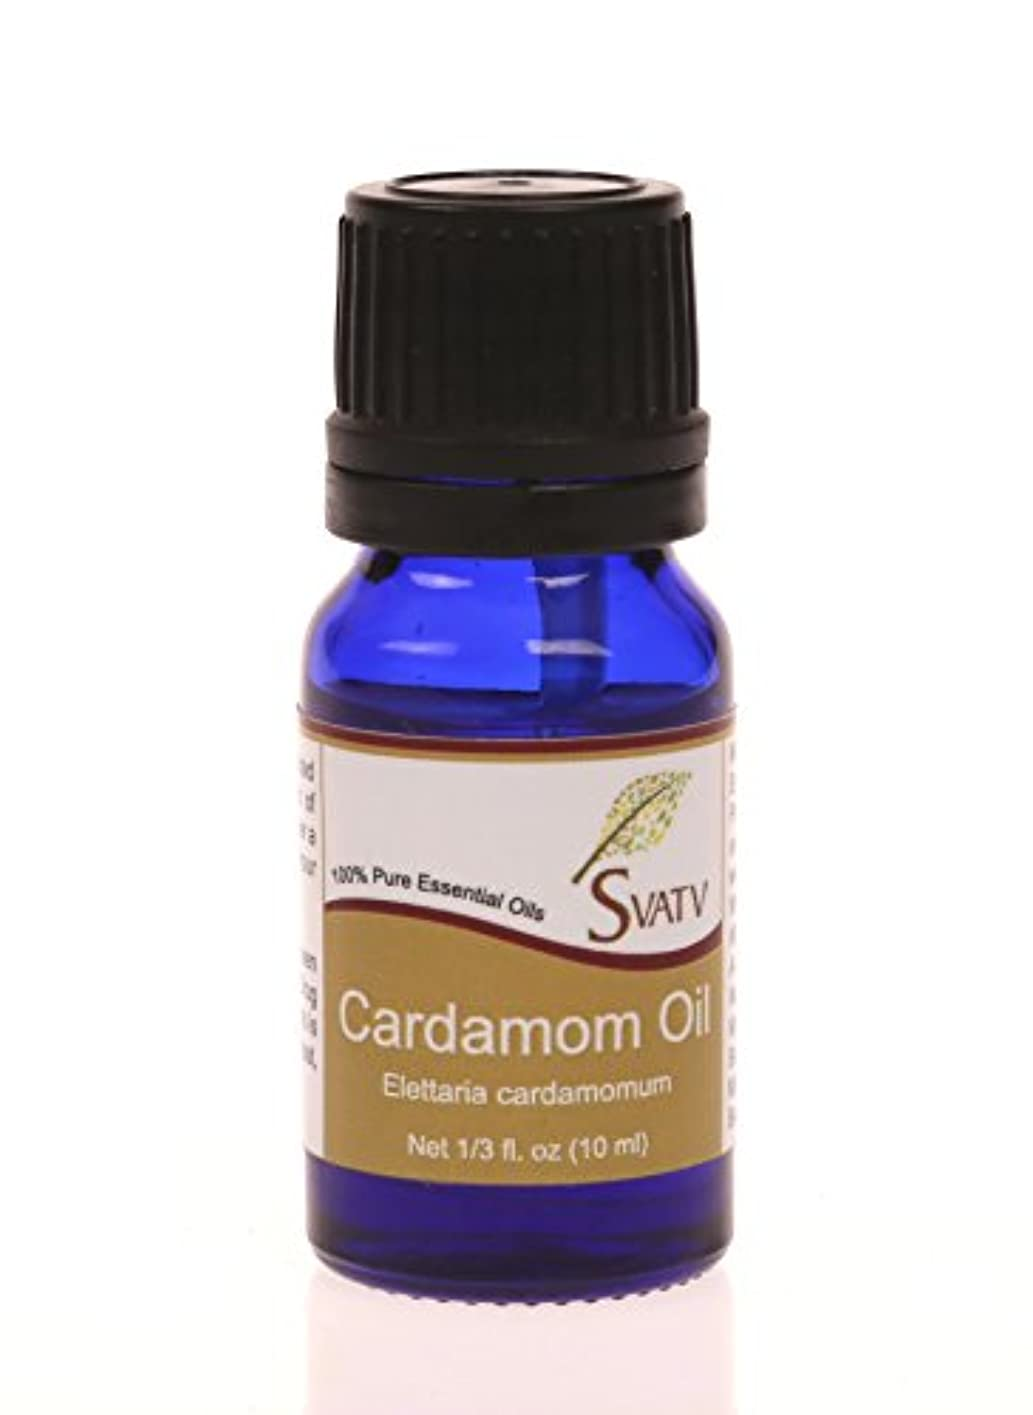 粘液浸食ベアリングSVATVカルダモン(Elettaria cardamomum)エッセンシャルオイル10mL(1/3オンス)100%純粋で無希釈、治療グレード